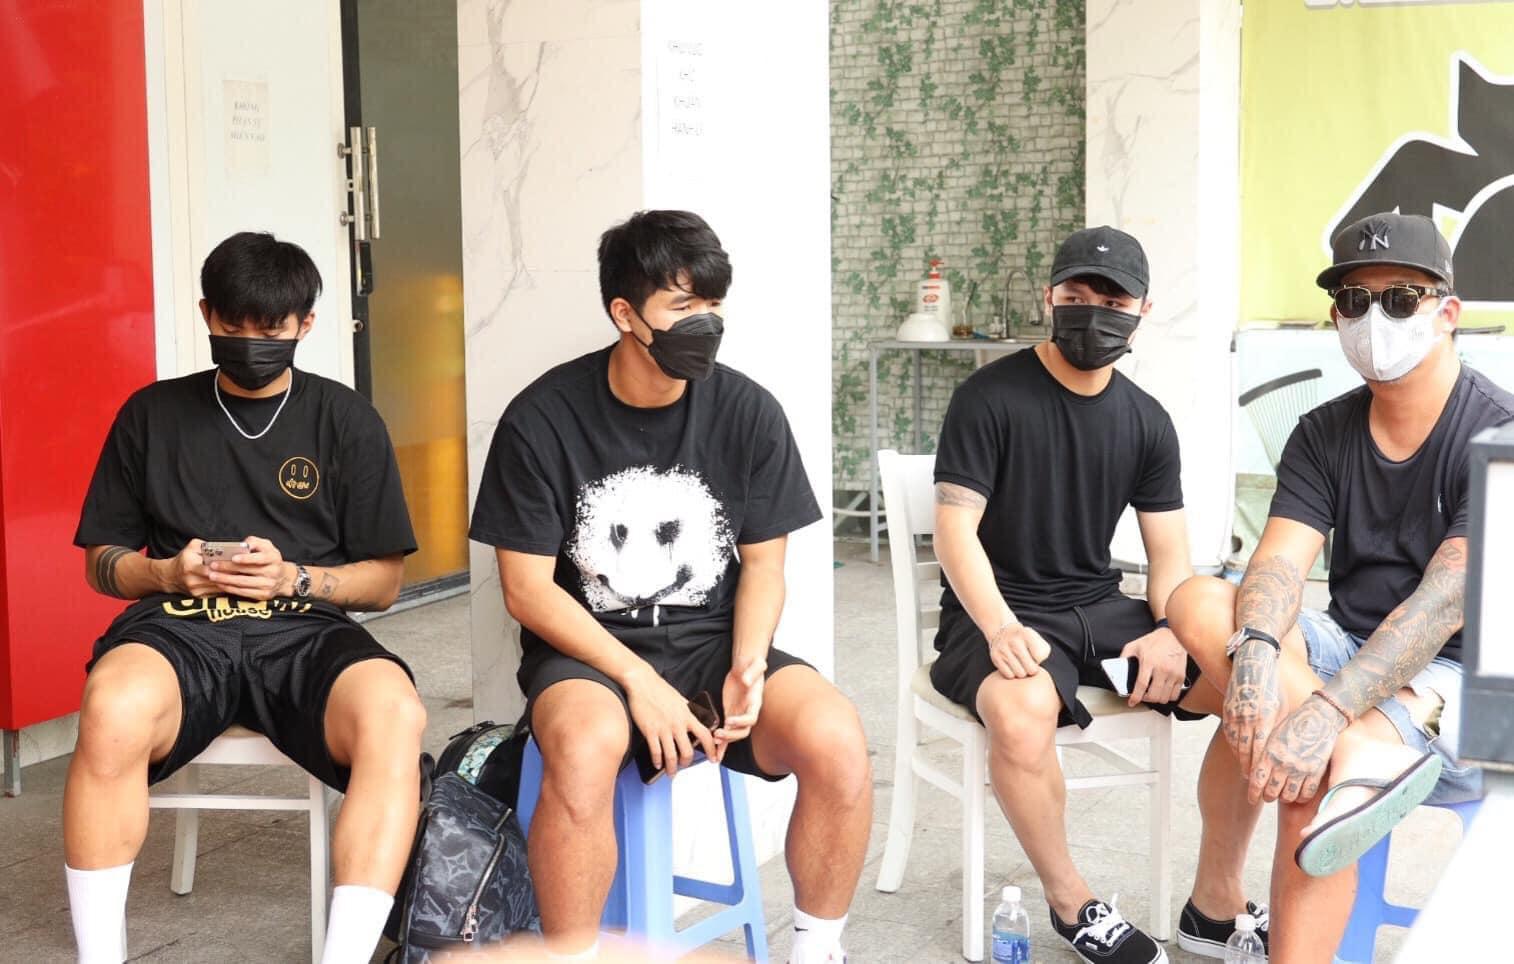 Đội tuyển Việt Nam nhận 'tối hậu thư' từ FIFA, trong 3 ngày nữa phải có câu trả lời 2